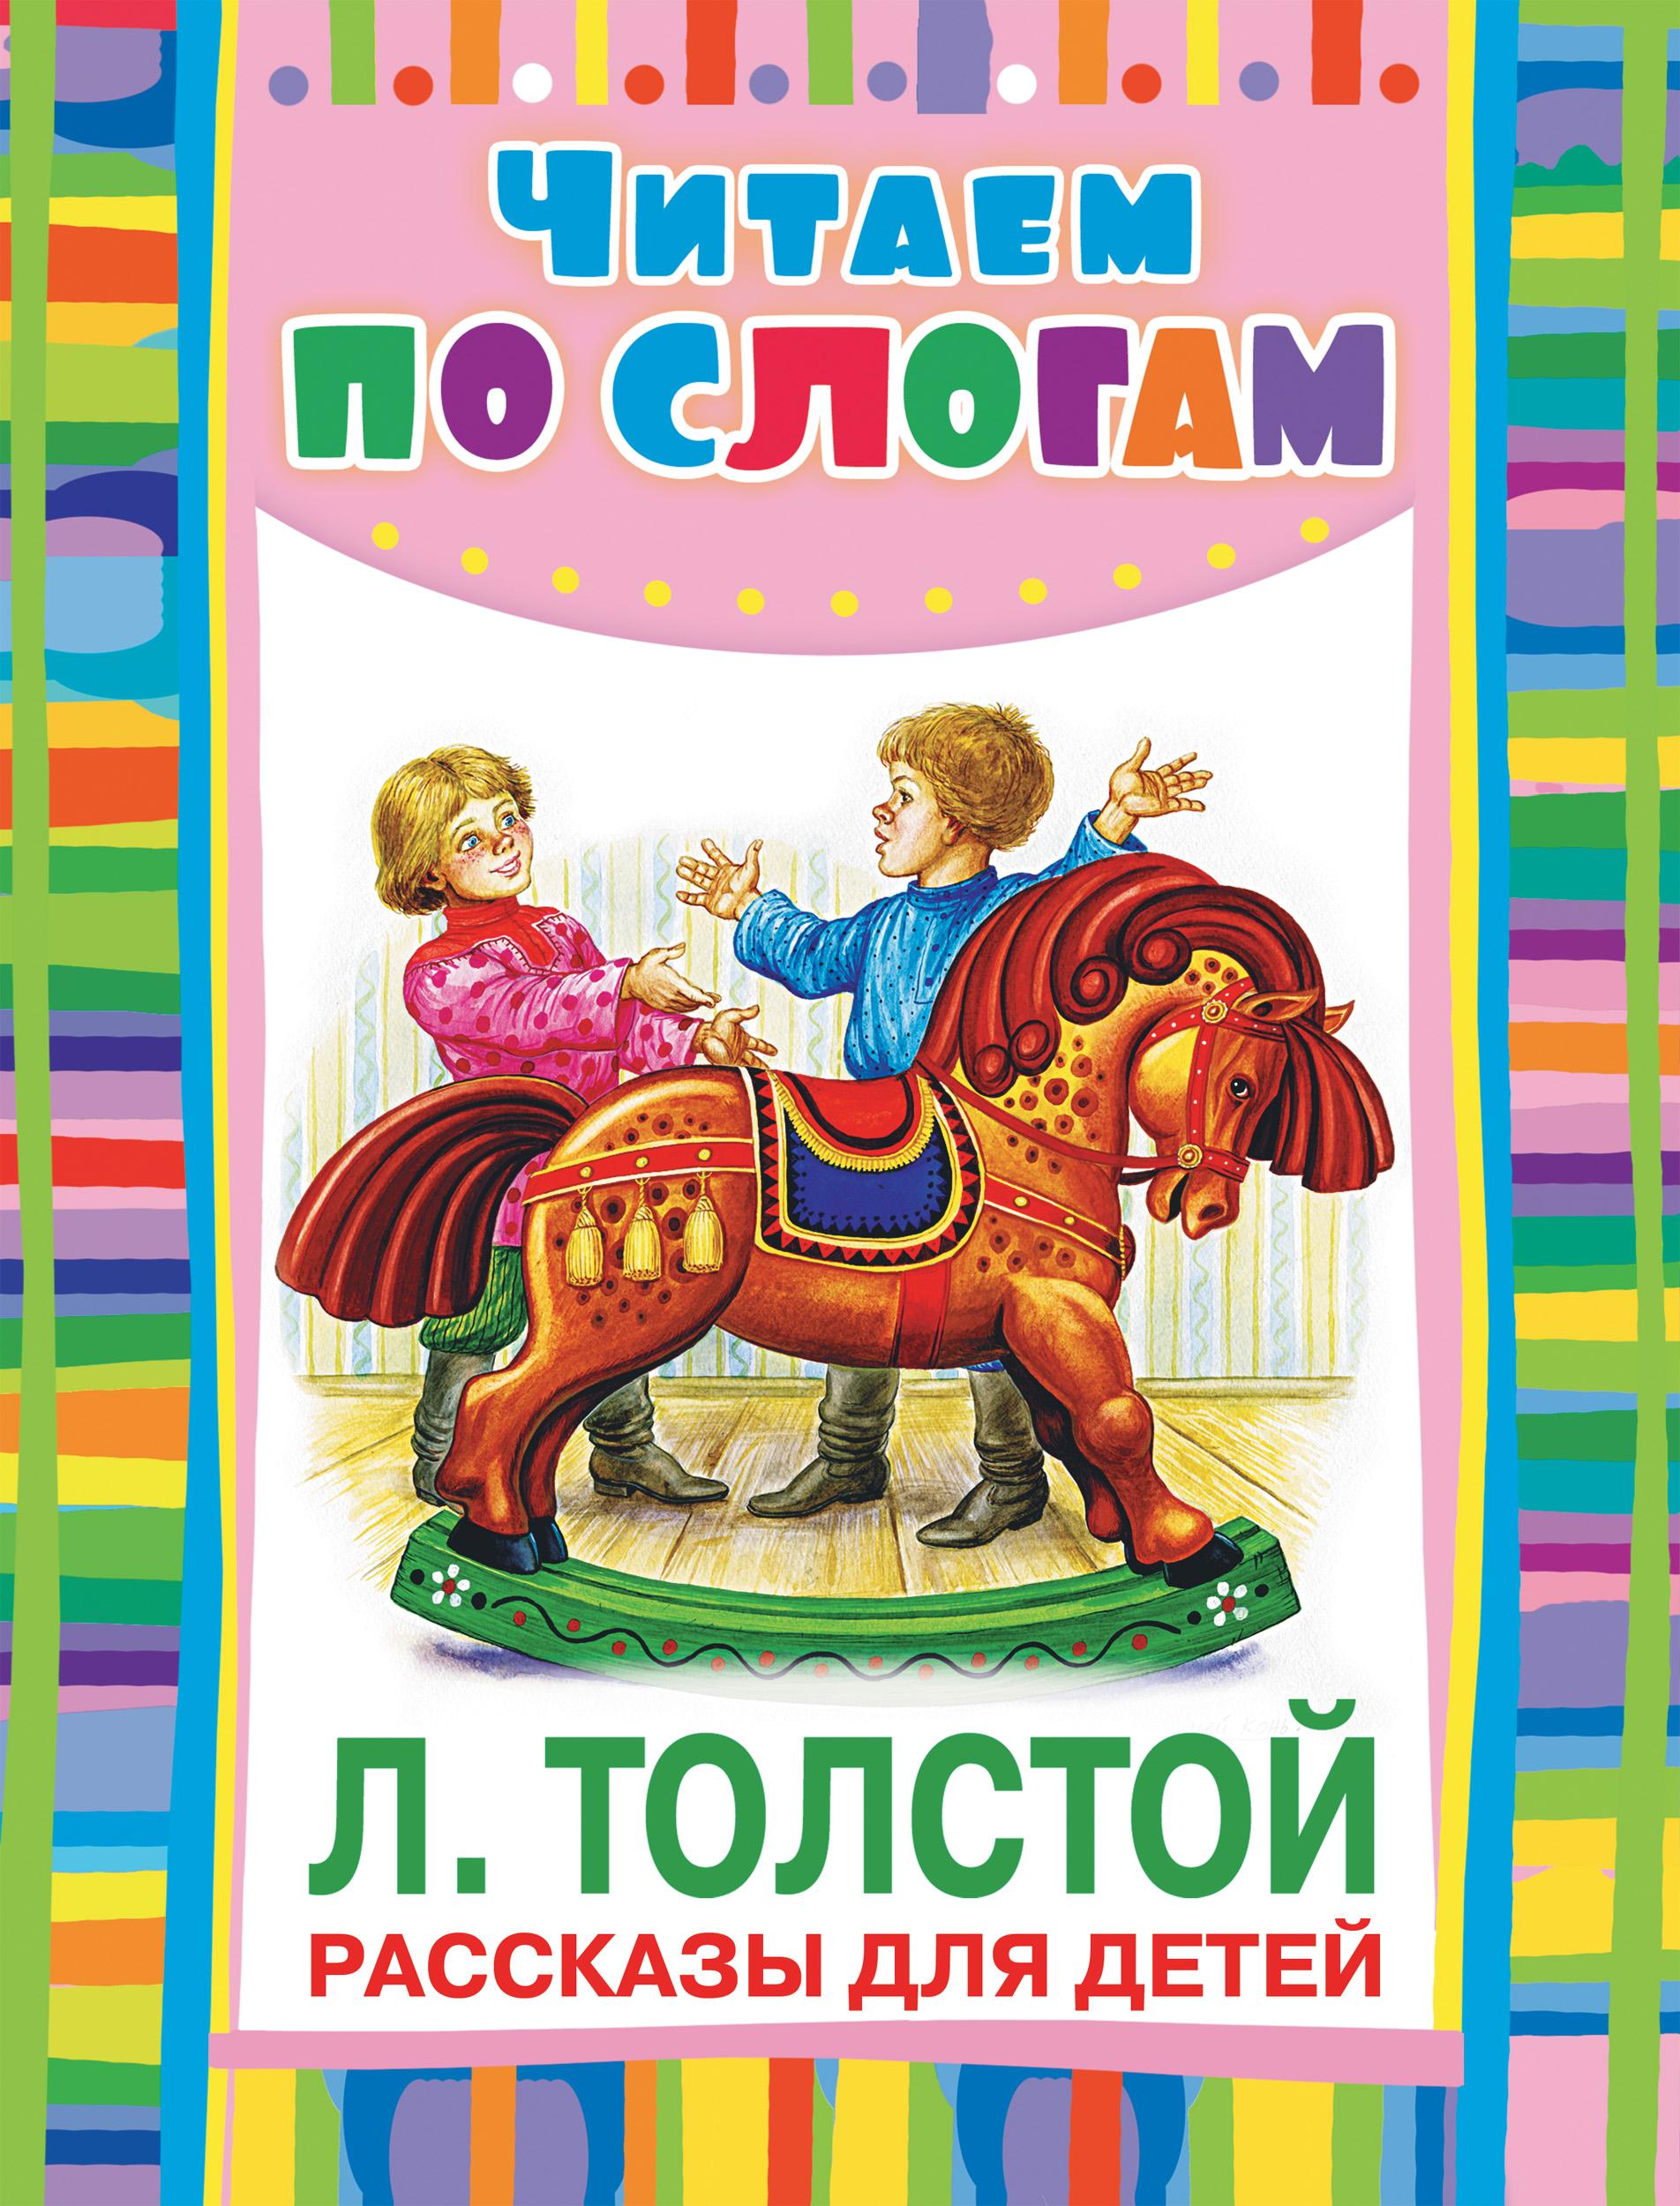 Лев Толстой, Рассказы для детей – скачать pdf на ЛитРес